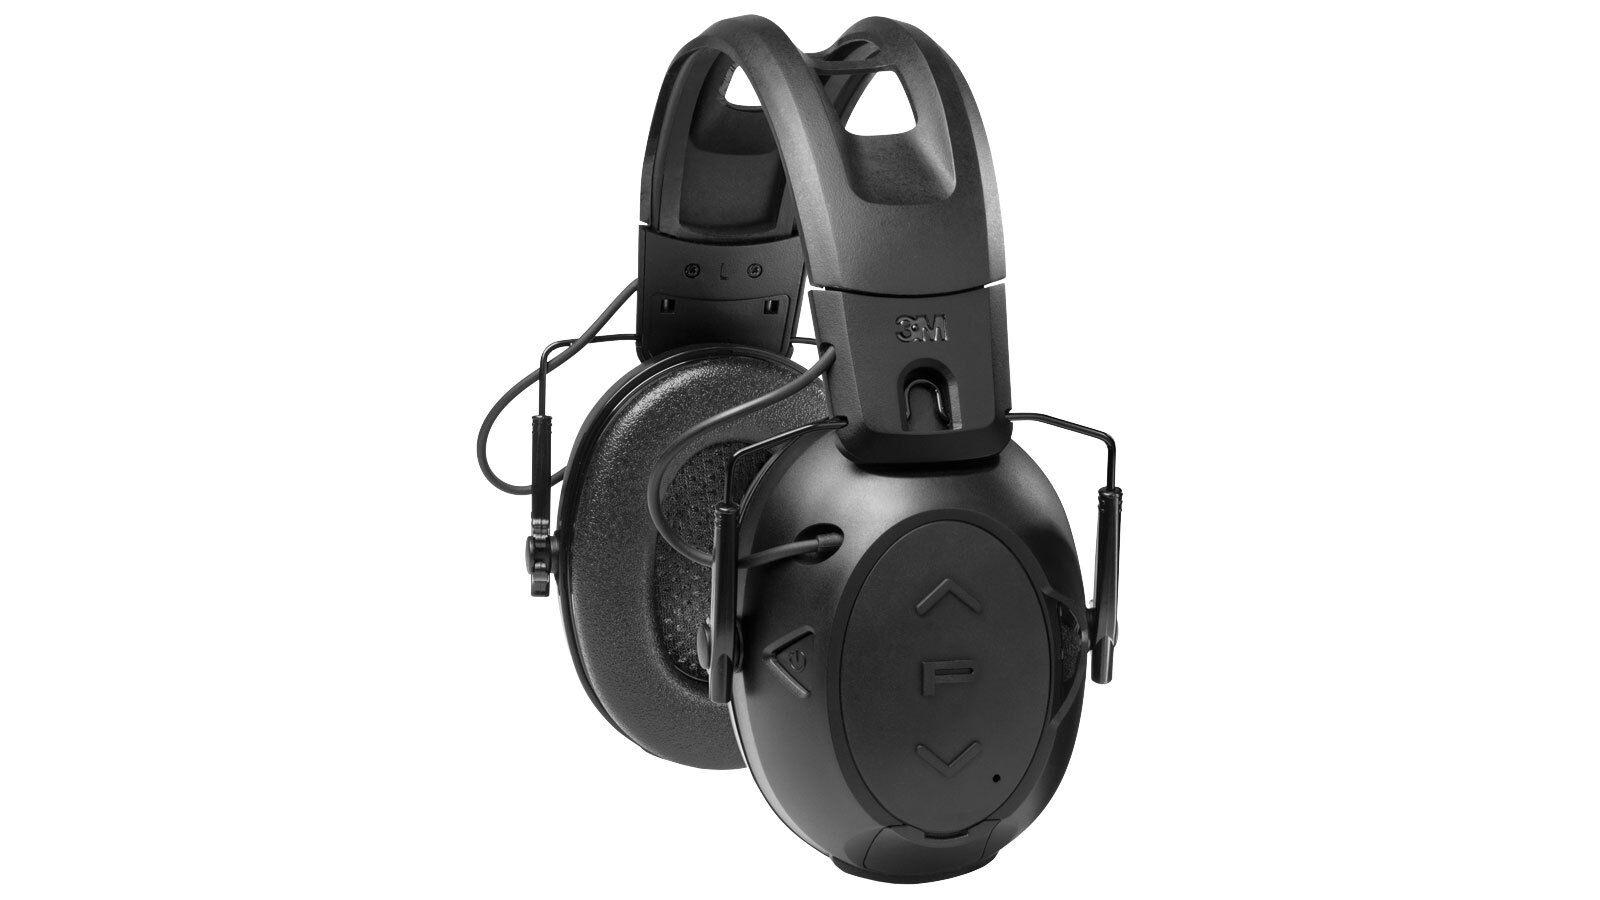 Peltor 3M Deporte Táctico 300 24db Projoector de audición electrónicos (NRR) TAC300-OTH